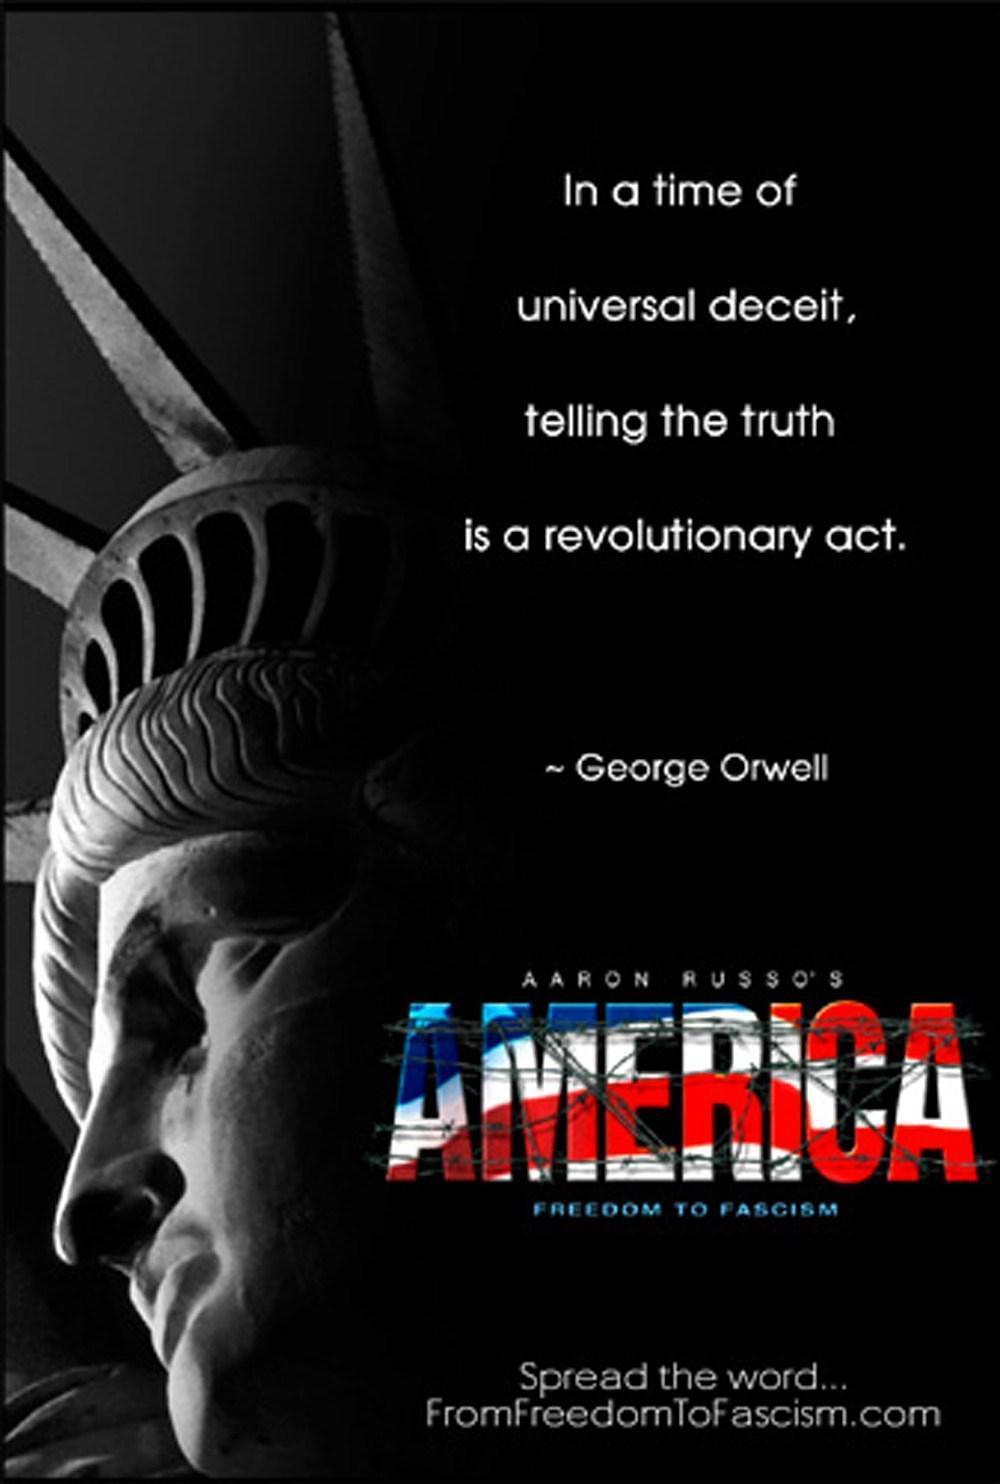 美国:从自由到法西斯主义